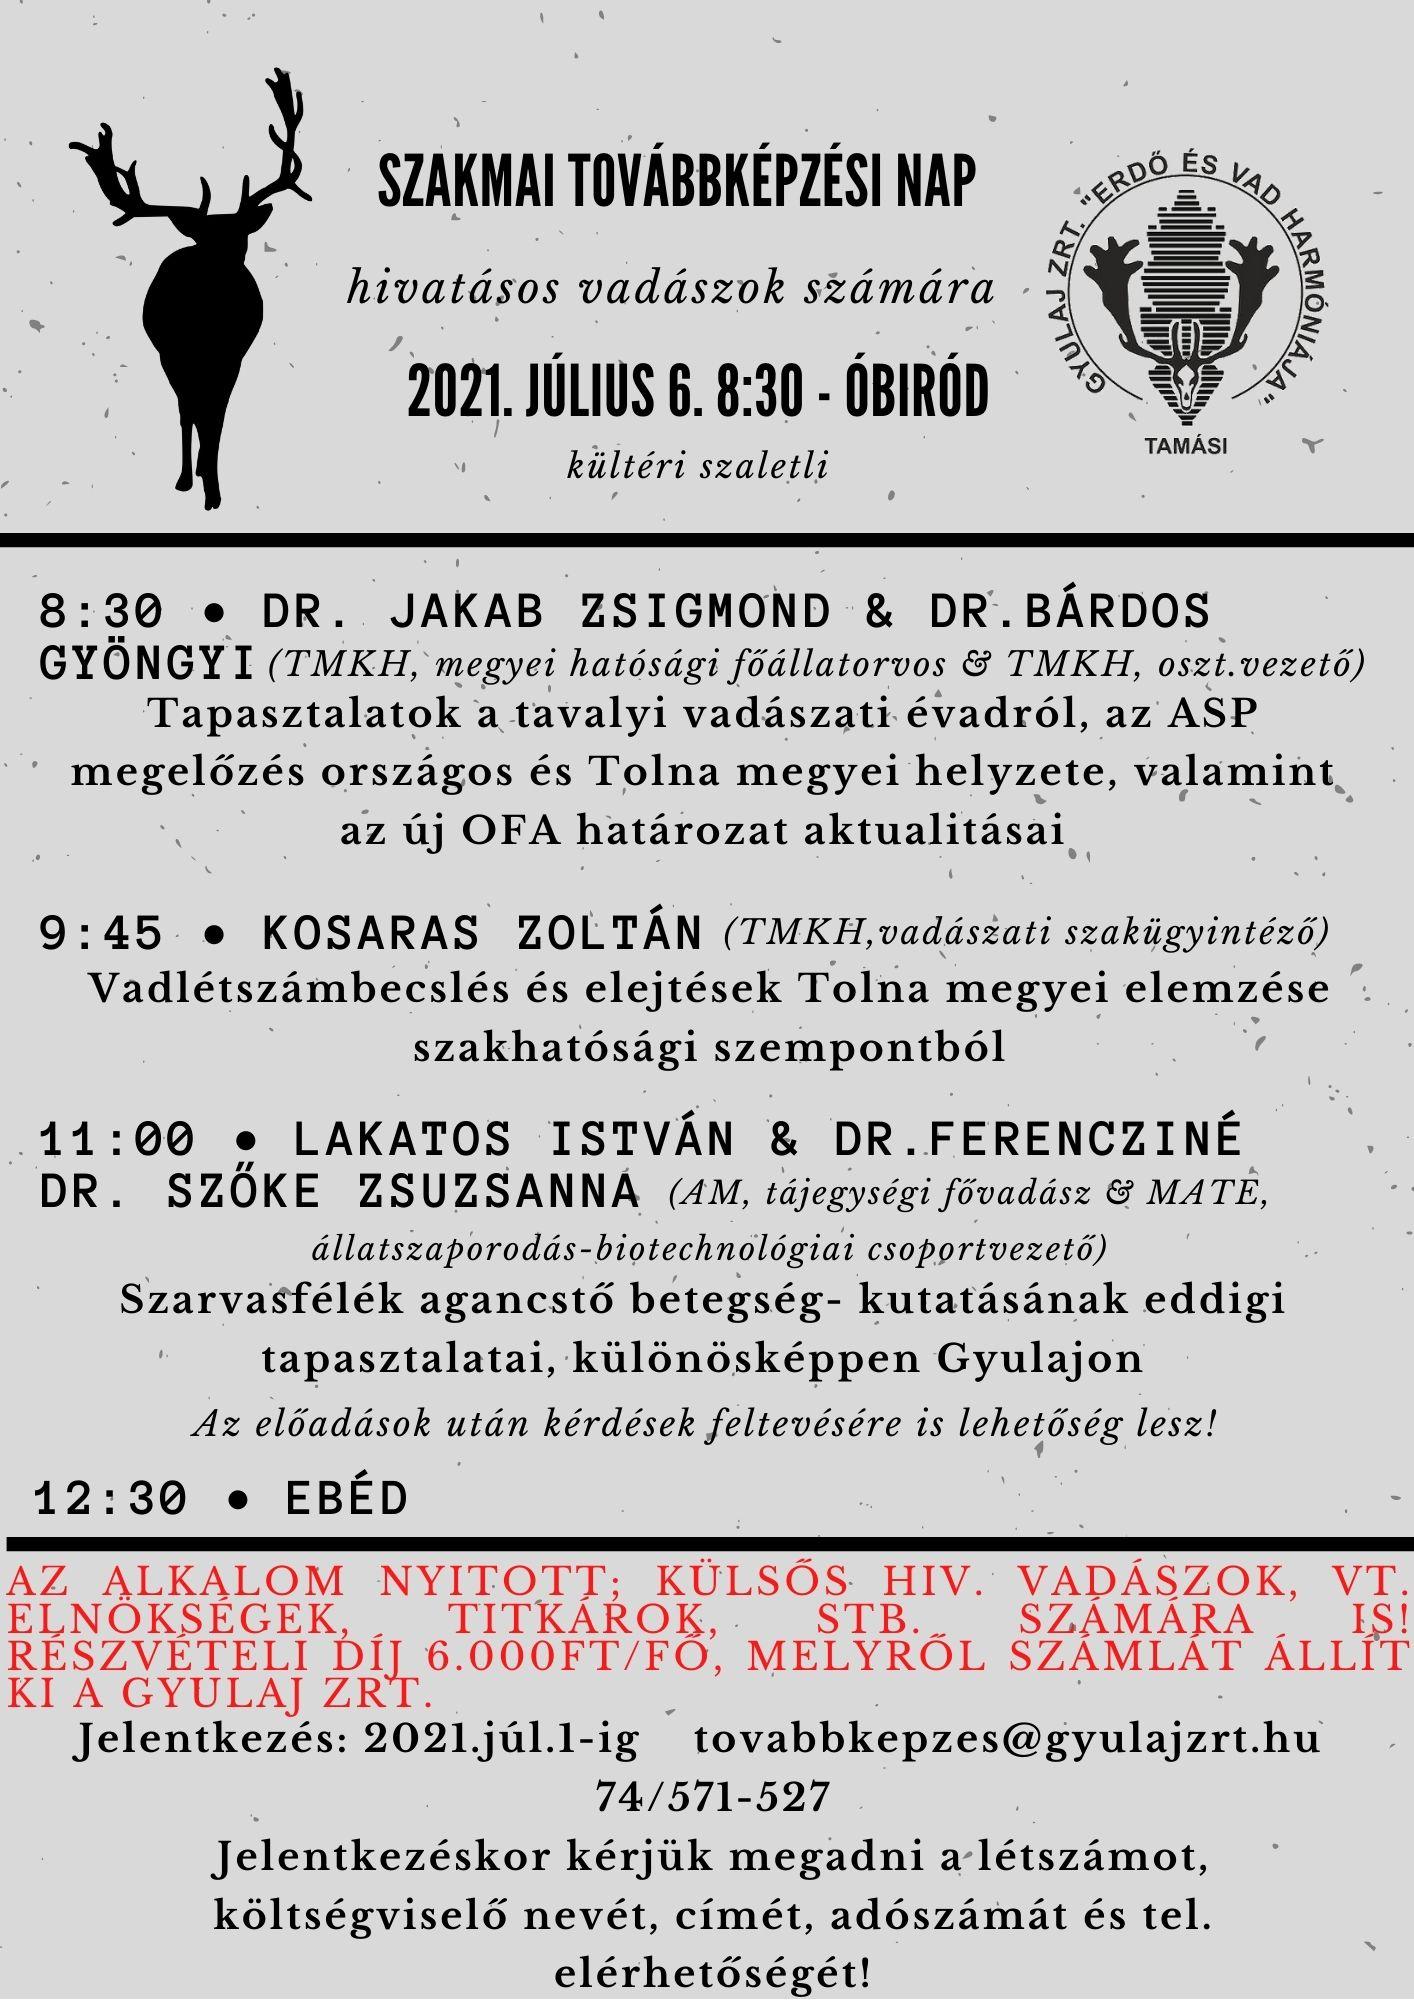 tovabbkepzes_vadaszat_gyulajzrt_021jul6